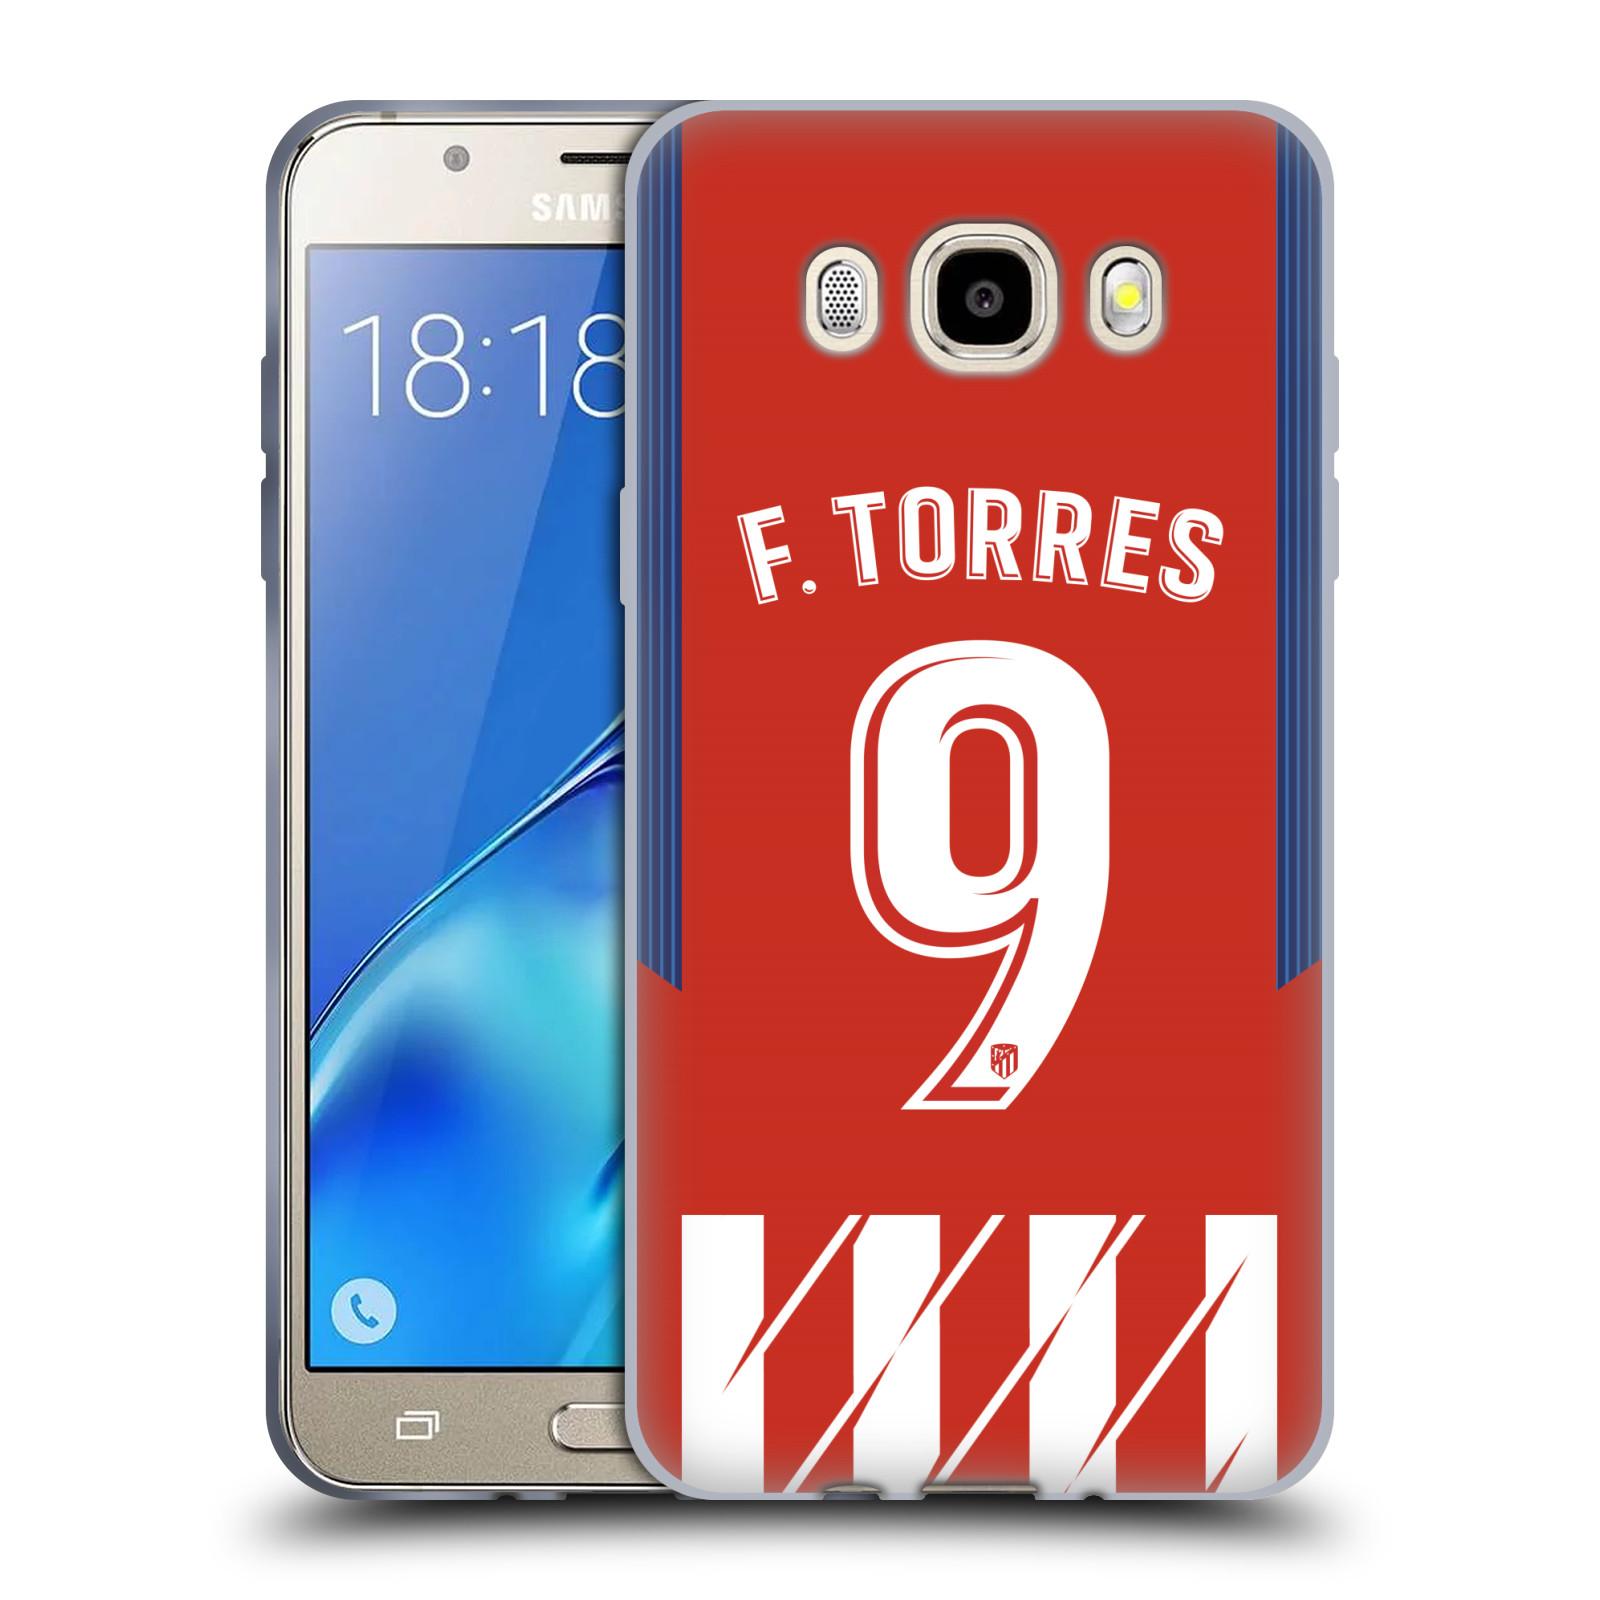 HEAD CASE silikonový obal na mobil Samsung Galaxy J5 2016 (J510) Fotbalový klub Atlético Madrid dres Fernando Torres